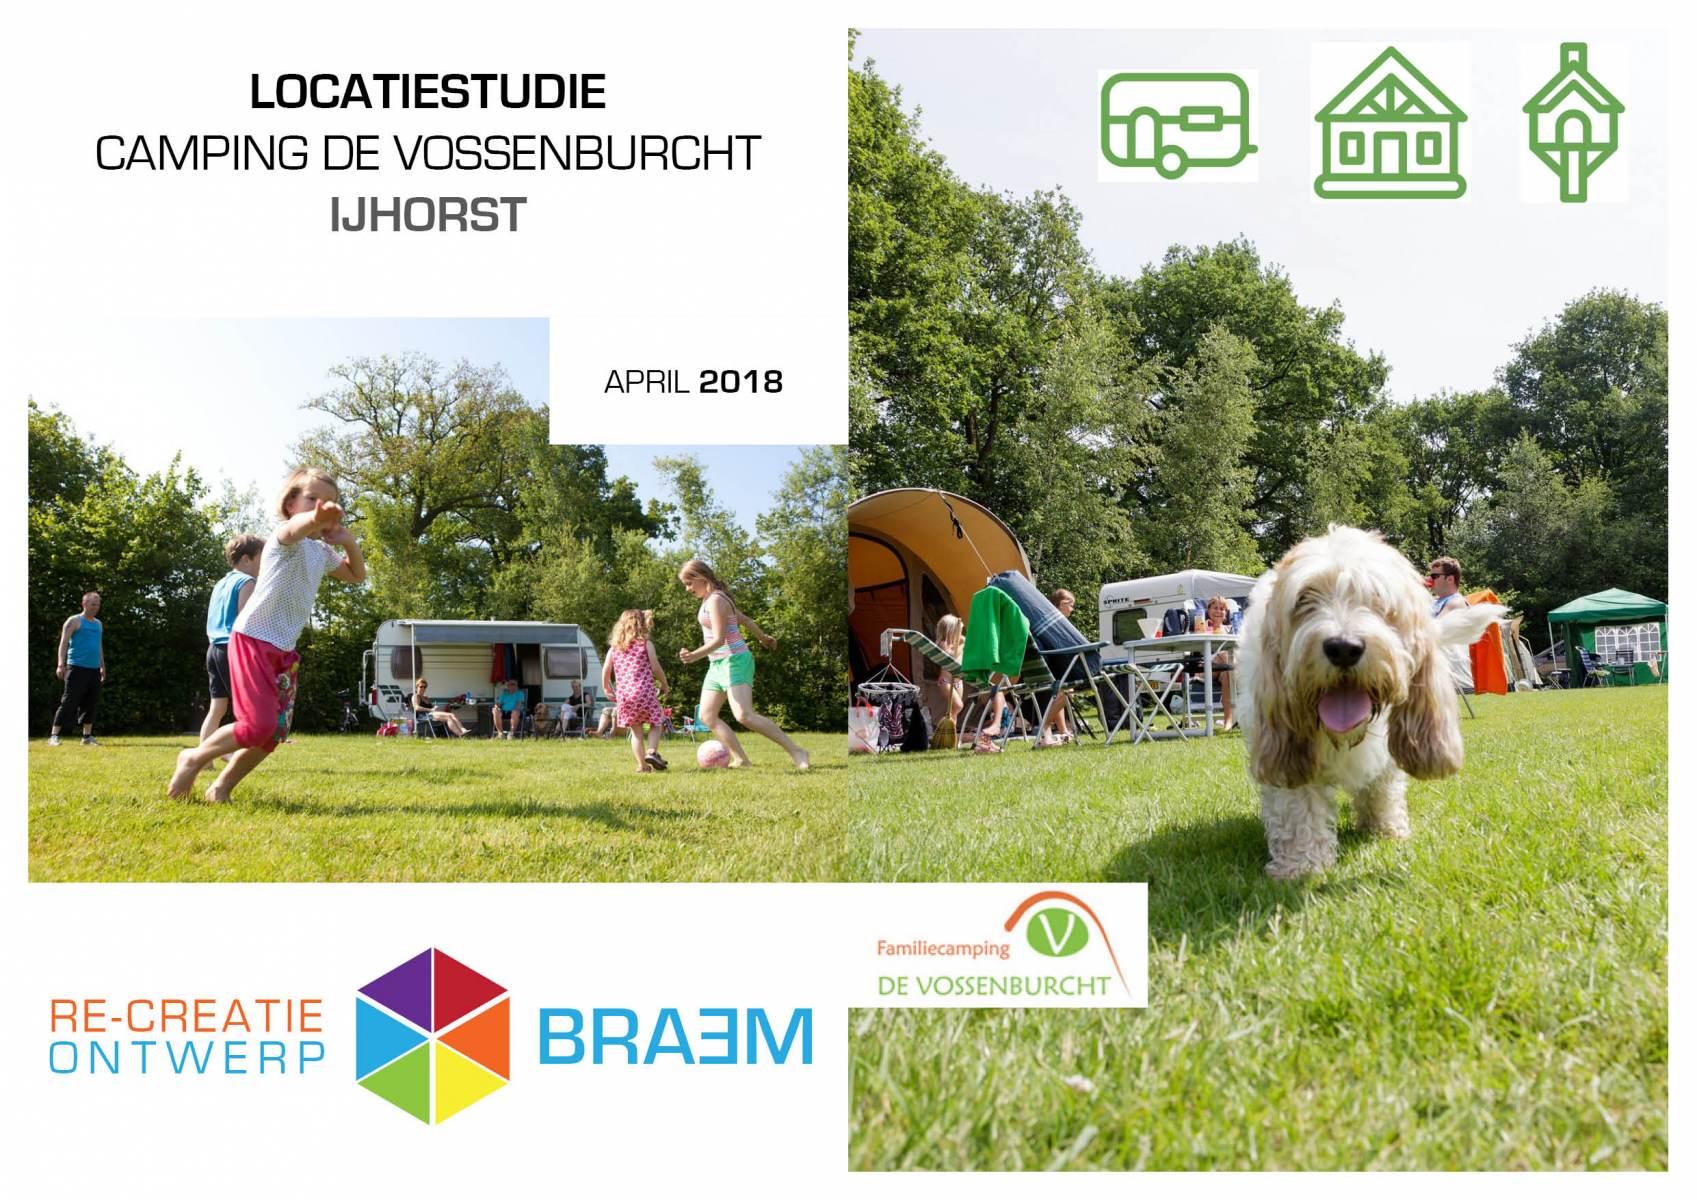 Locatiestudie-Camping-Vossenburcht-Totaal-A3